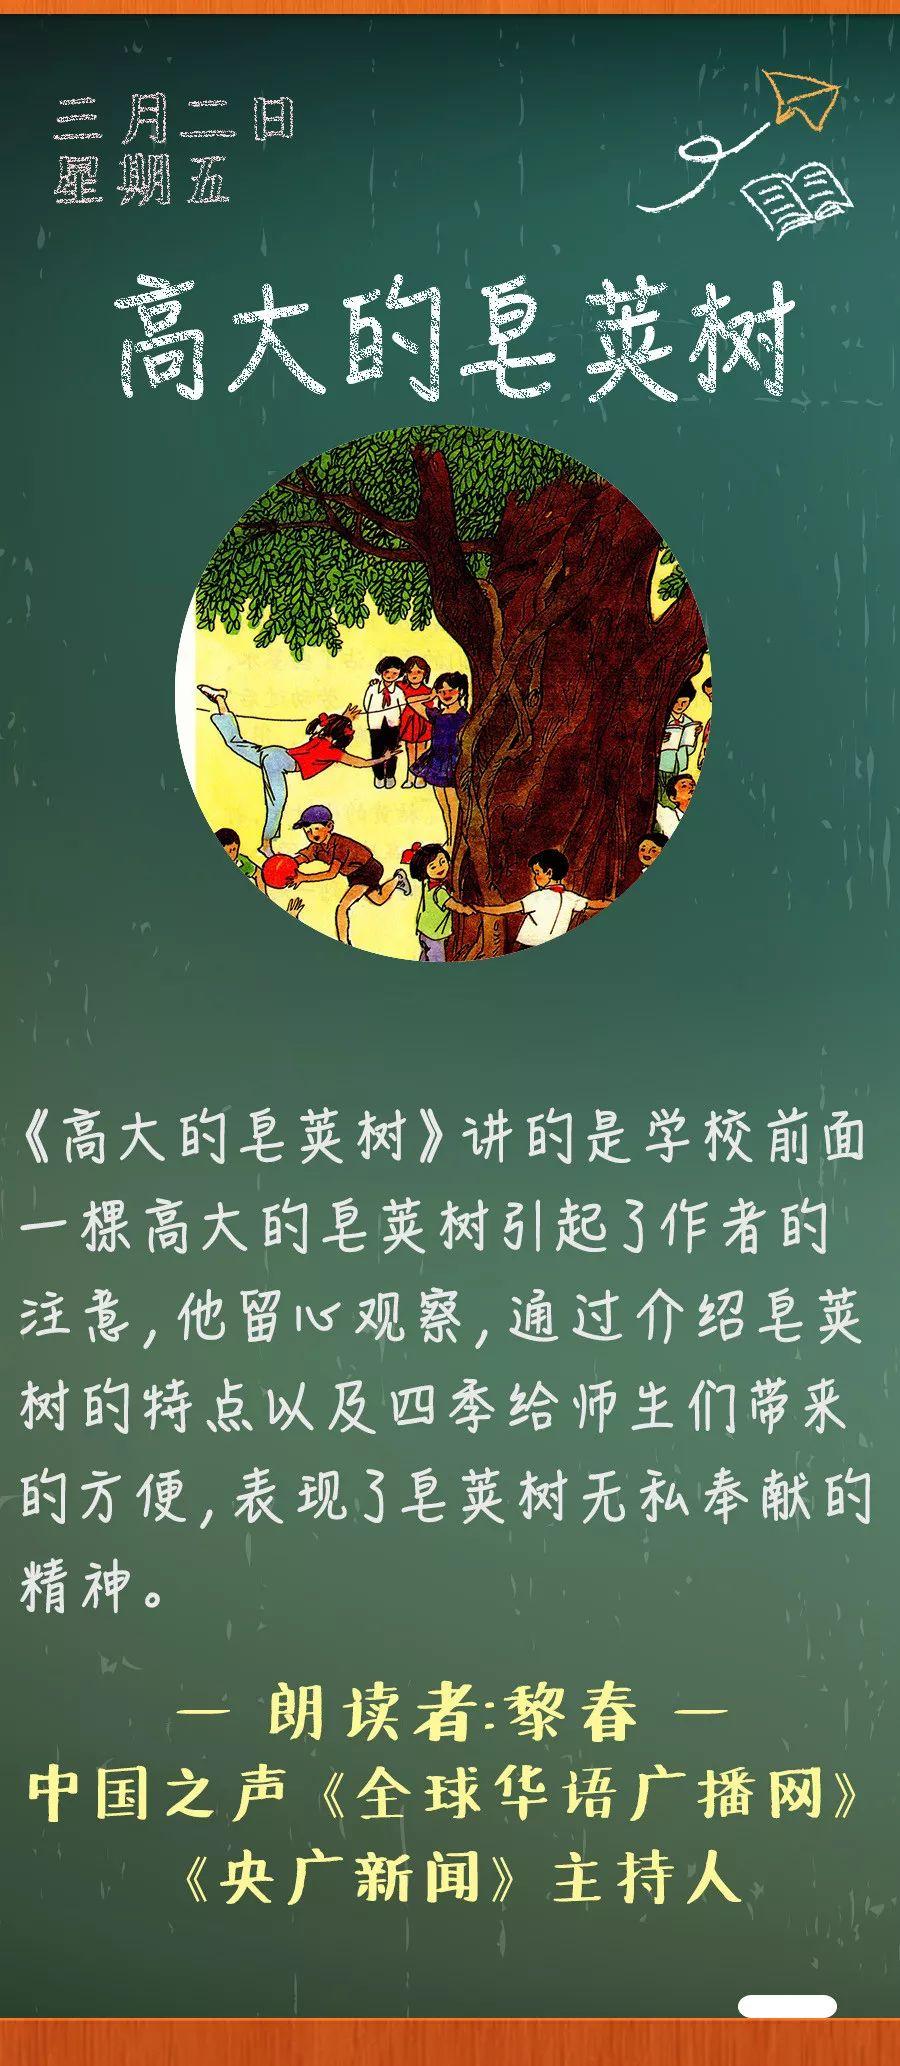 《高大的皂荚树》丨那些年,我们一起读过的课文